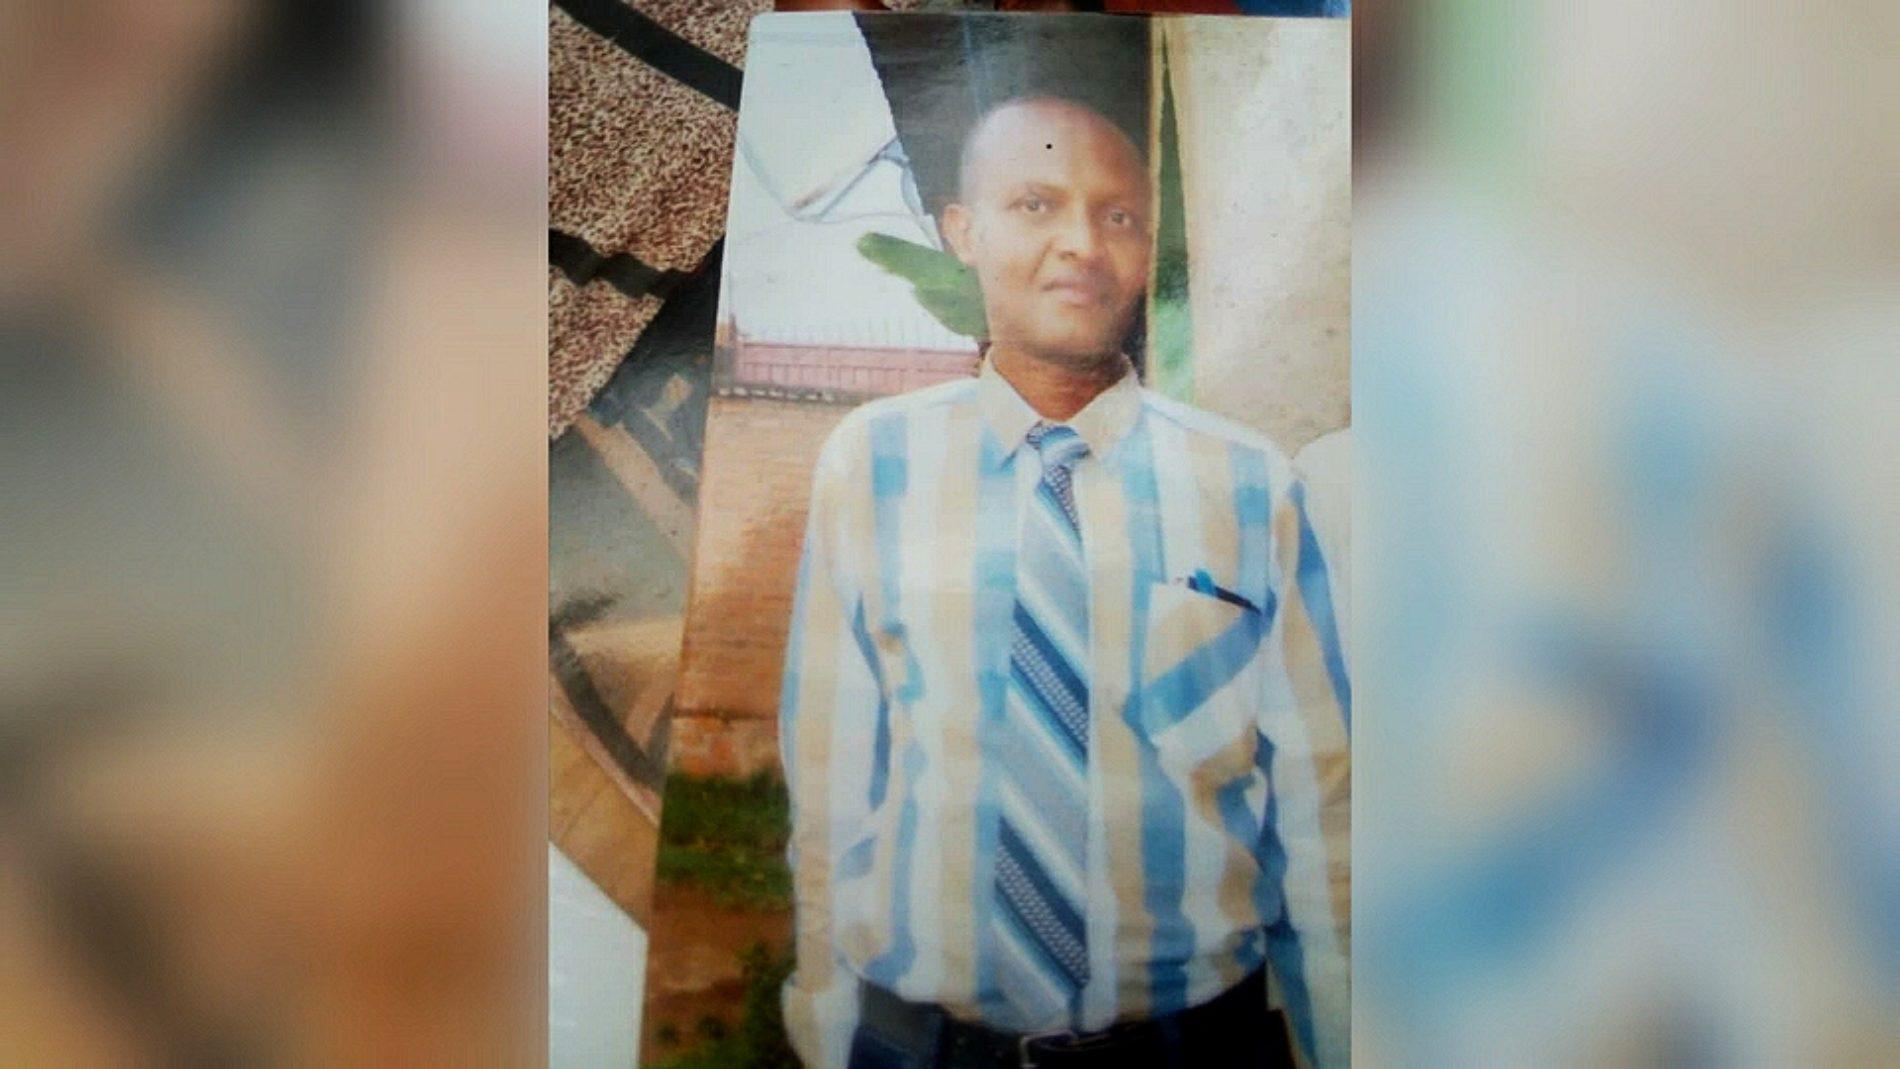 Gitega : la justice a décidé le maintien en détention d'un homme qui a des troubles mentaux